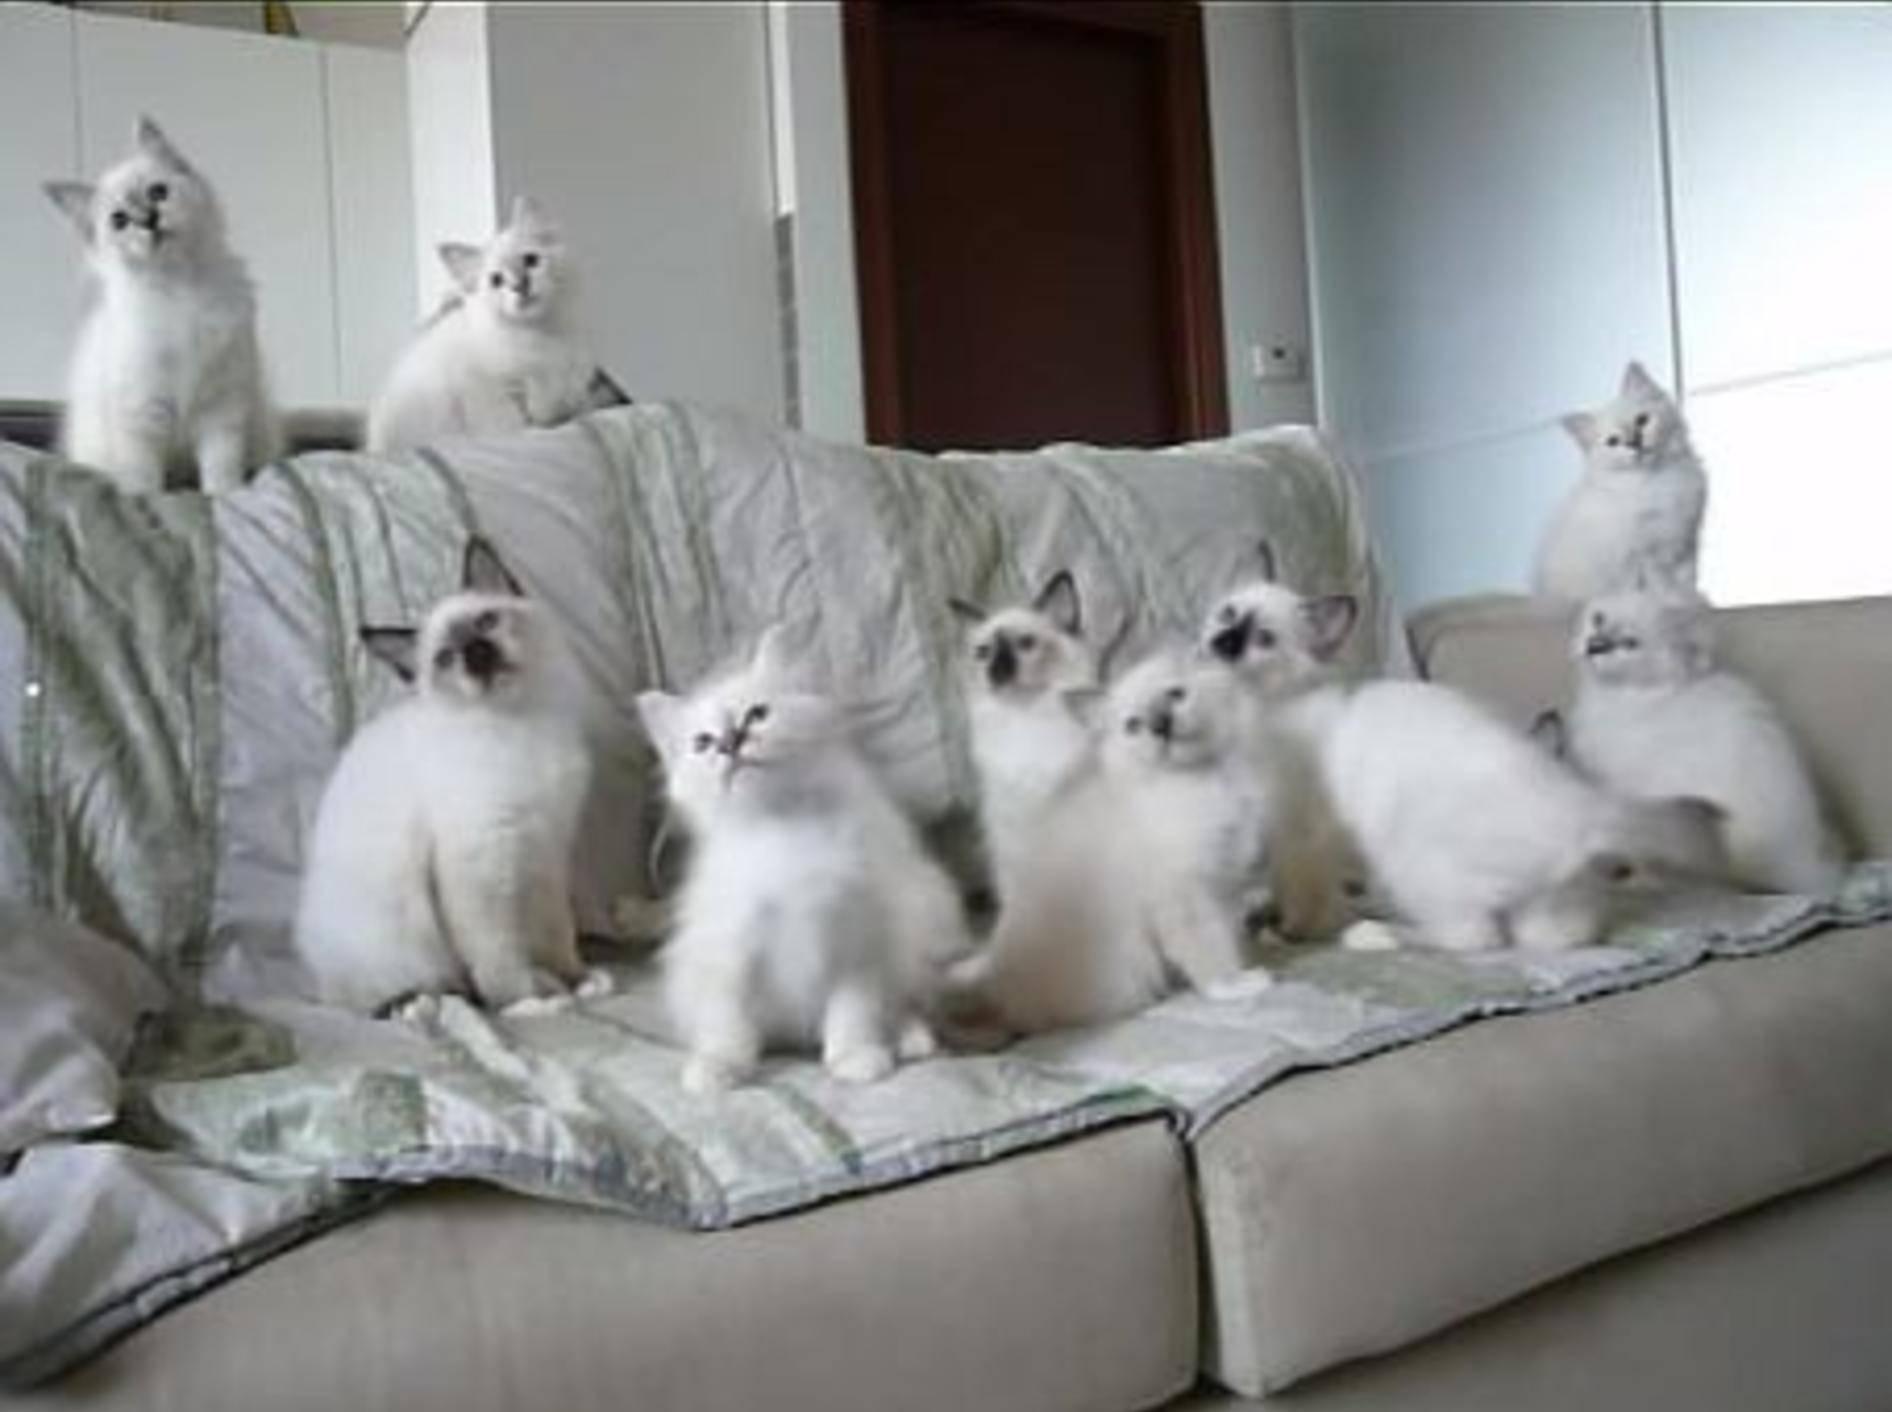 Elf Heilige-Birma-Katzenbabys beim Spielen – Bild: Youtube / Sacred Birman cats